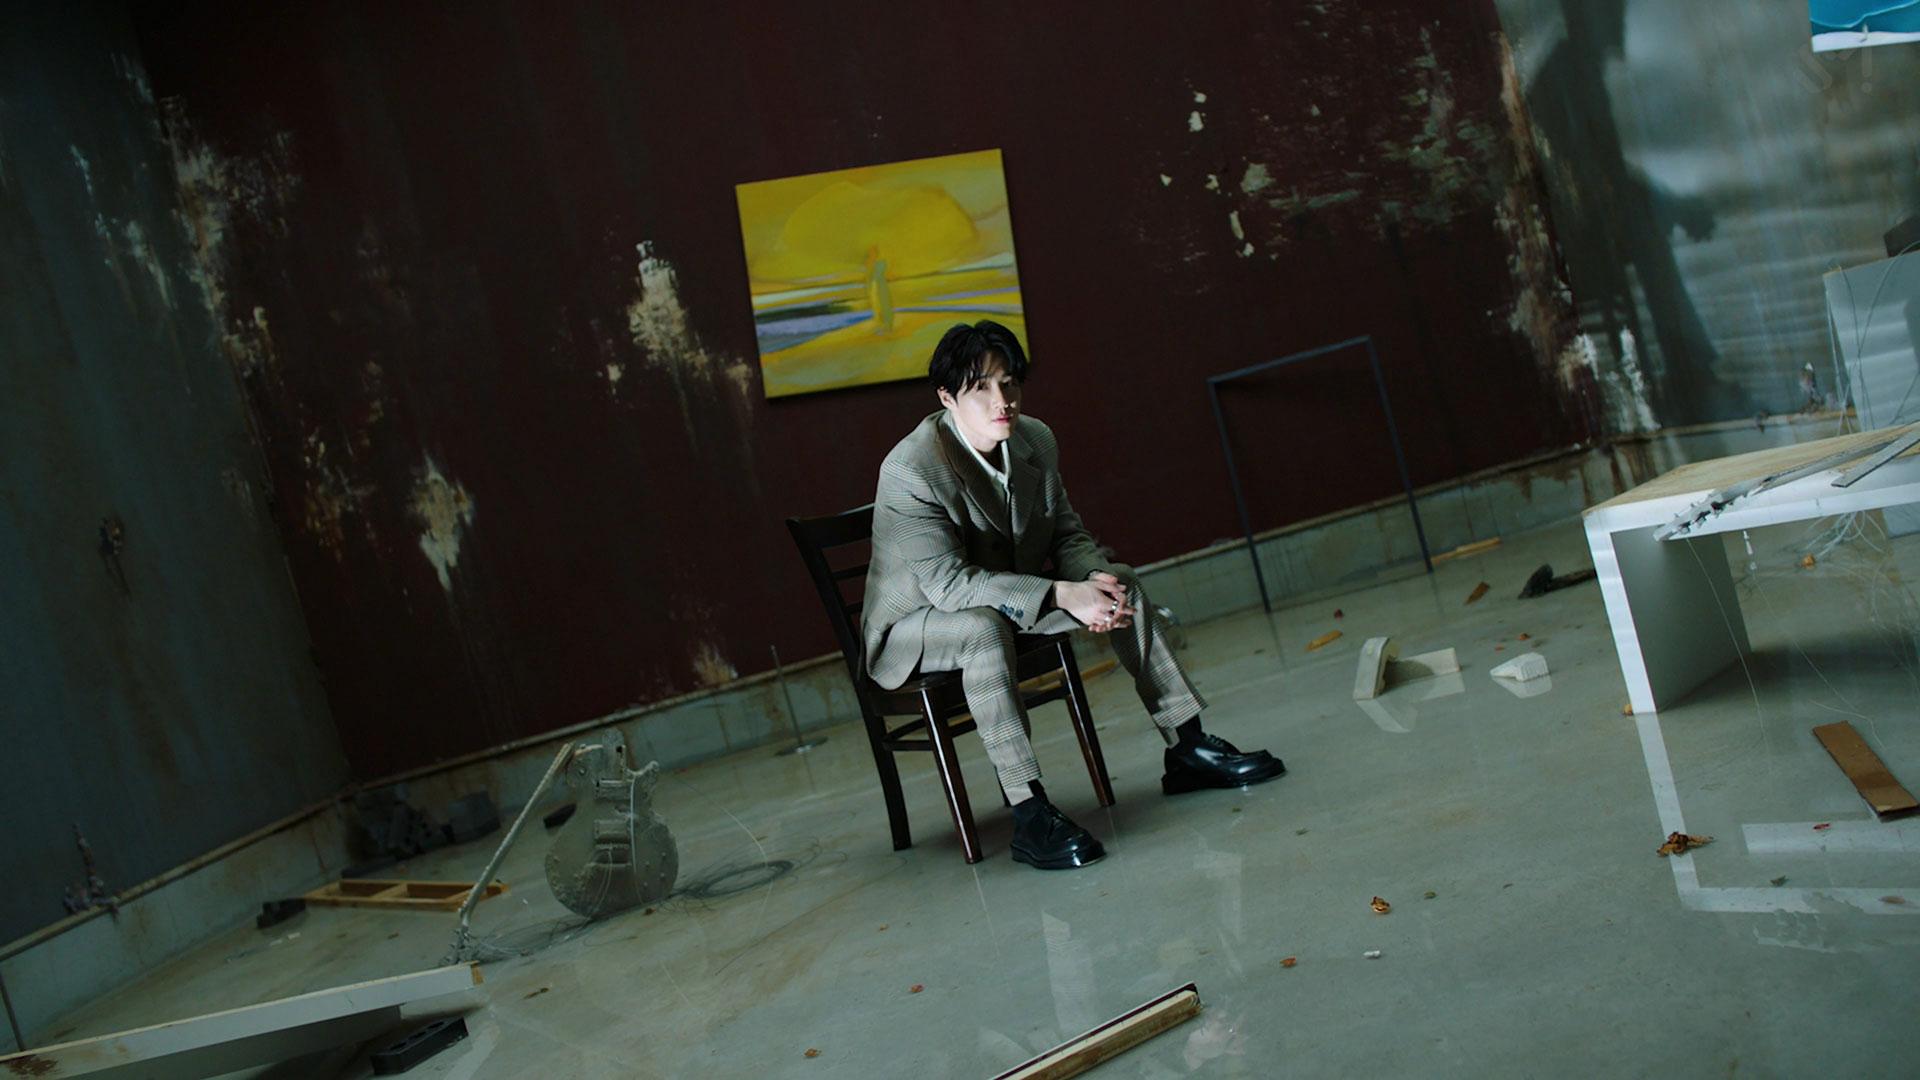 SUHO 수호 '사랑, 하자 (Let's Love)' MV Teaser #1